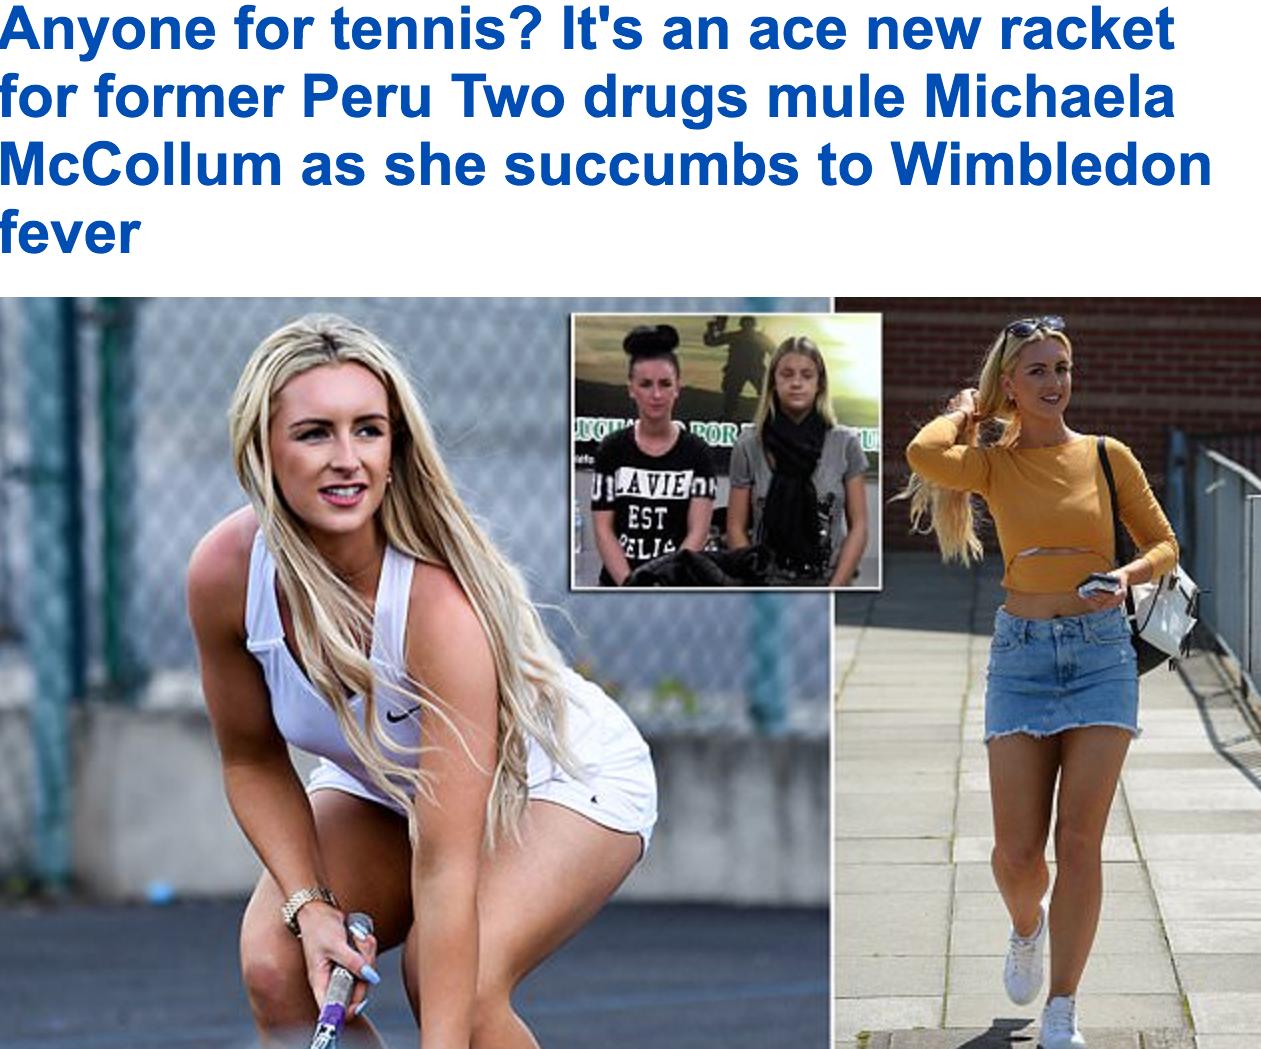 شاهد: البريطانية الشهيرة من أسوار السجن لعالم النجومية..هل تعرفها؟ الكاميرات تطاردها في ملاعب التنس